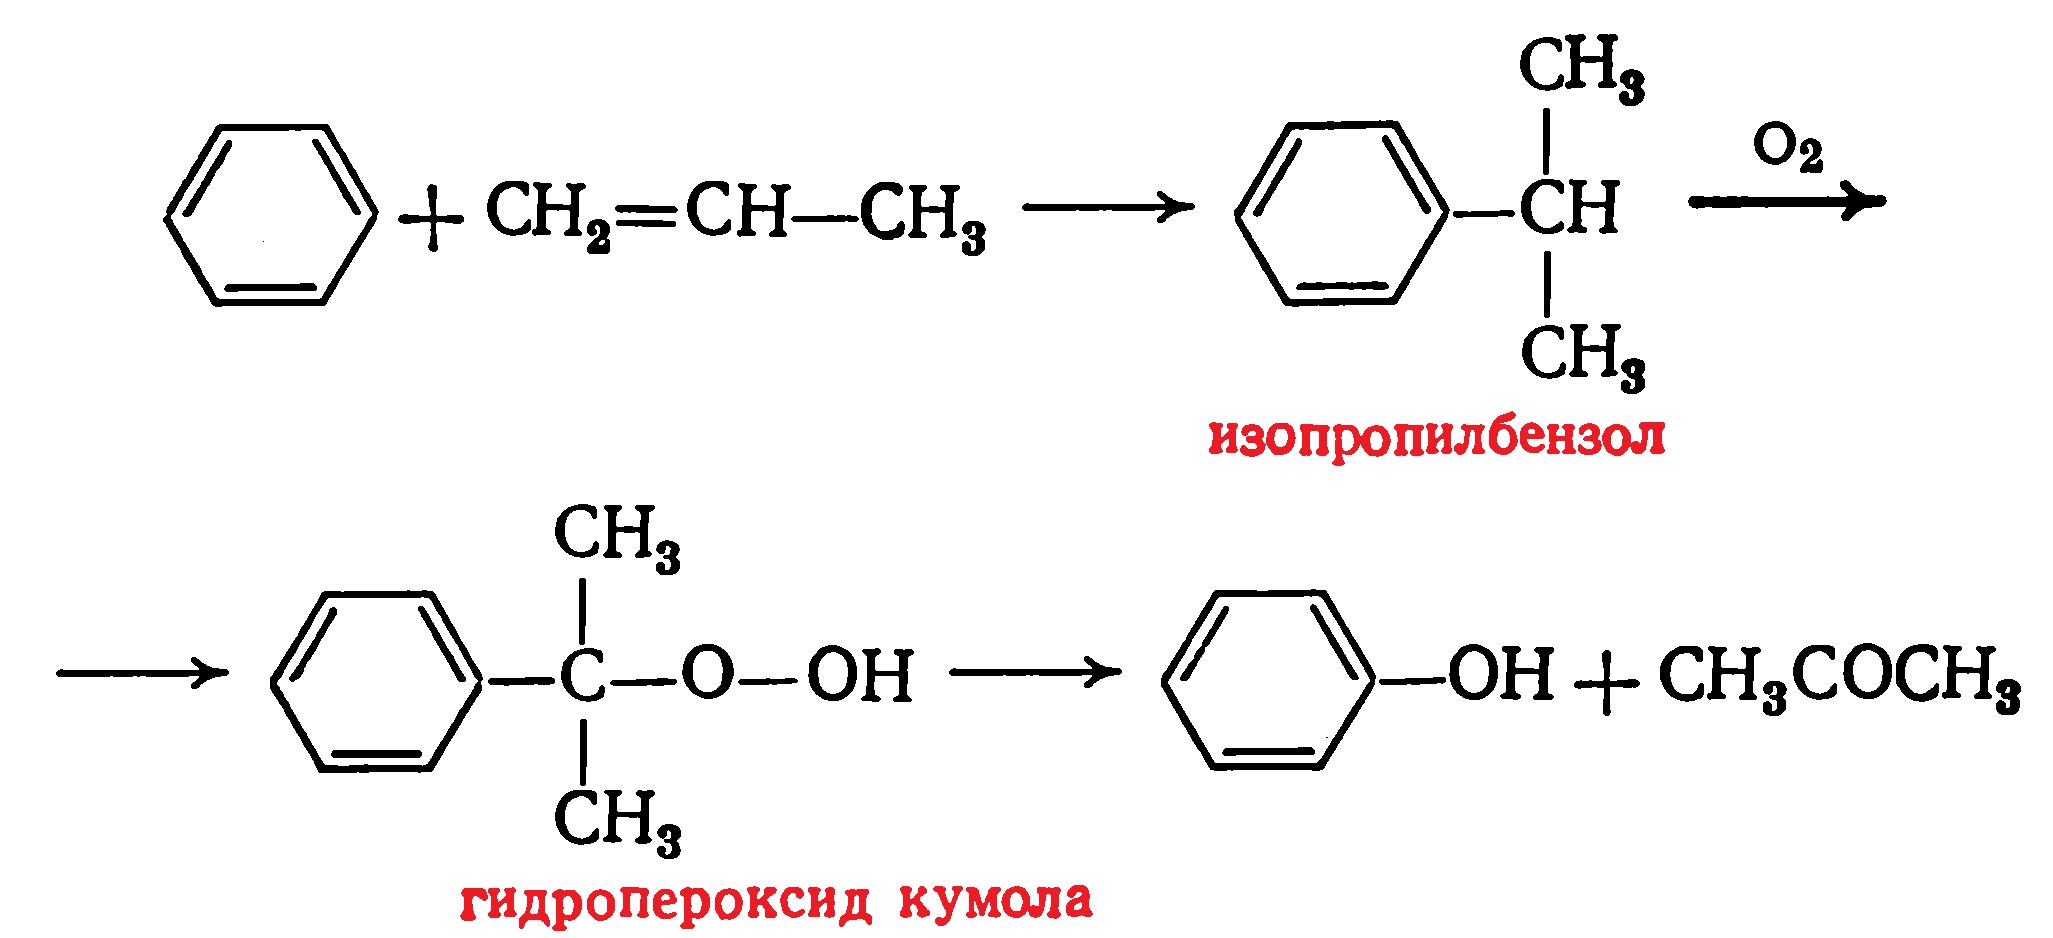 Хлорбензол является продуктом реакции схема которой фото 904